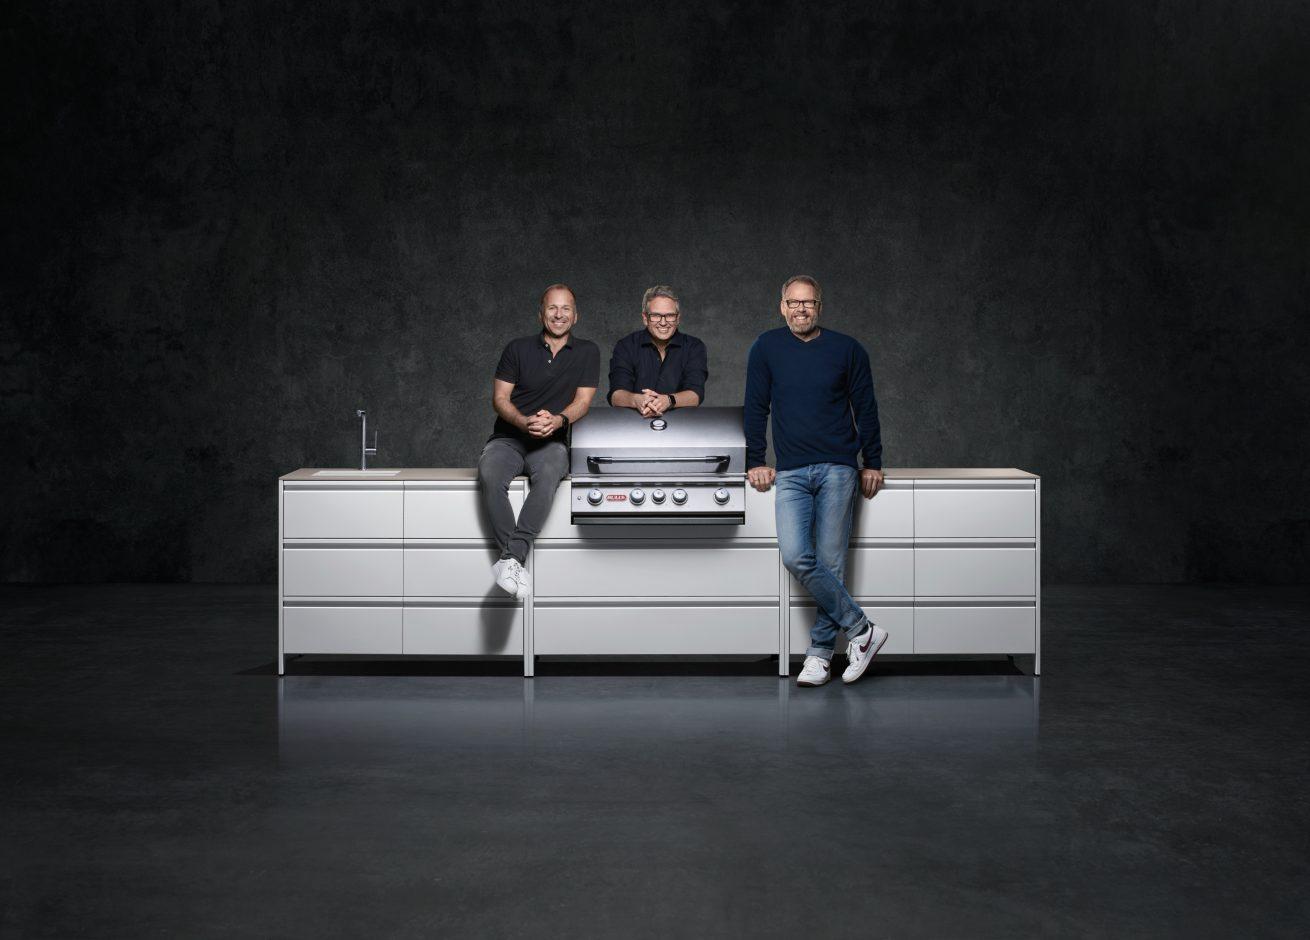 """Die Belmento-Gründer Volker Podendorf, Daniel Ackermann und Holger Schmieding brennen für funktionales Design beim """"Outdoor-Interior"""". Foto: Belmento"""